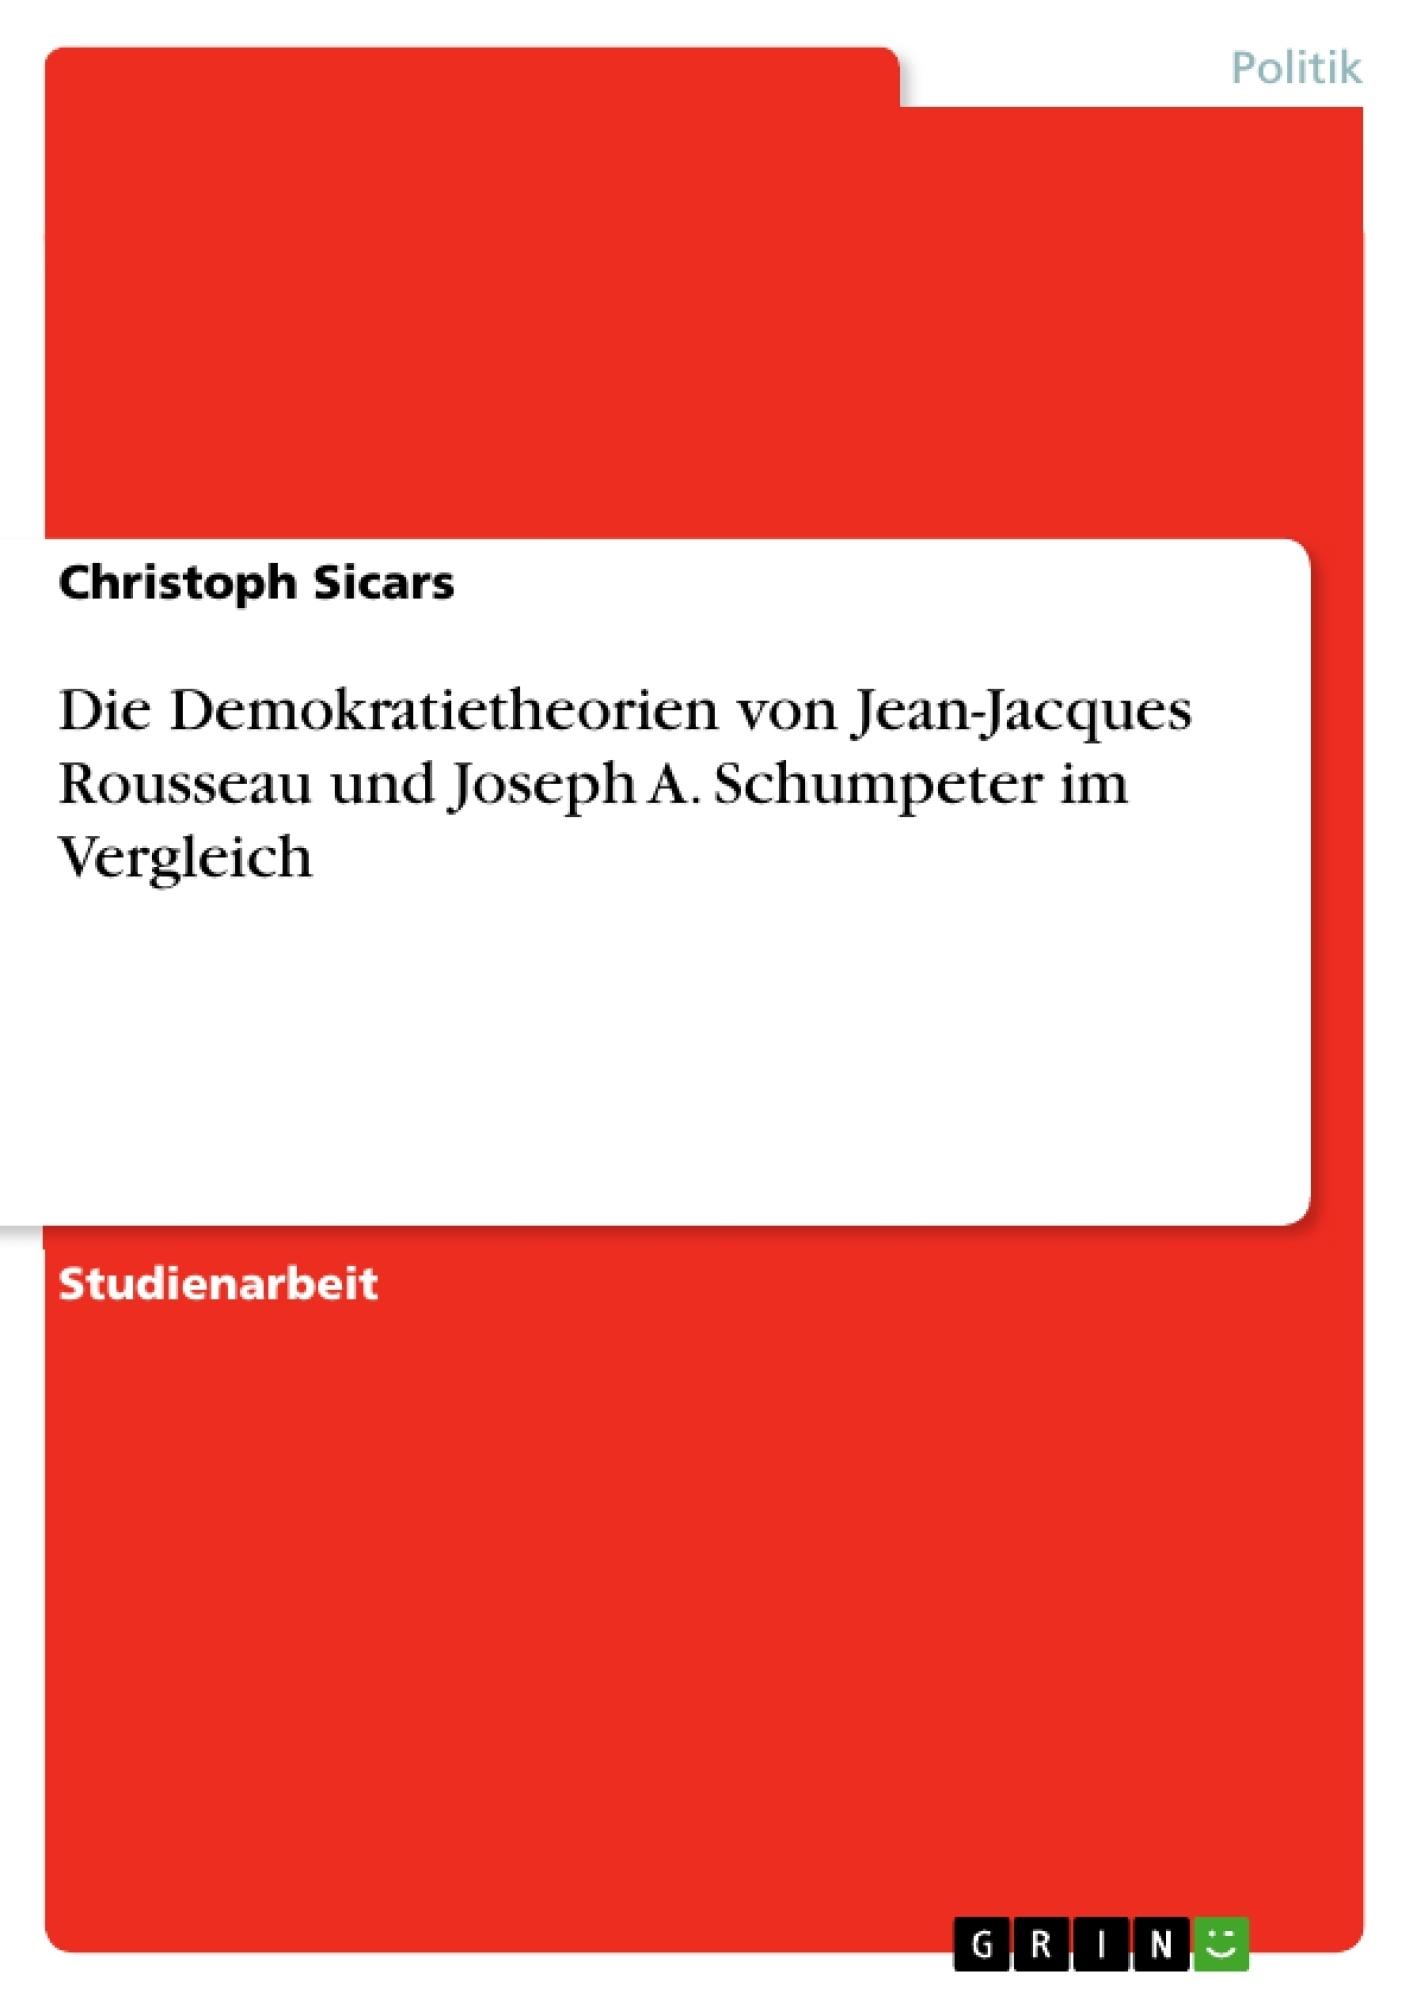 Titel: Die Demokratietheorien von Jean-Jacques Rousseau und Joseph A. Schumpeter  im Vergleich